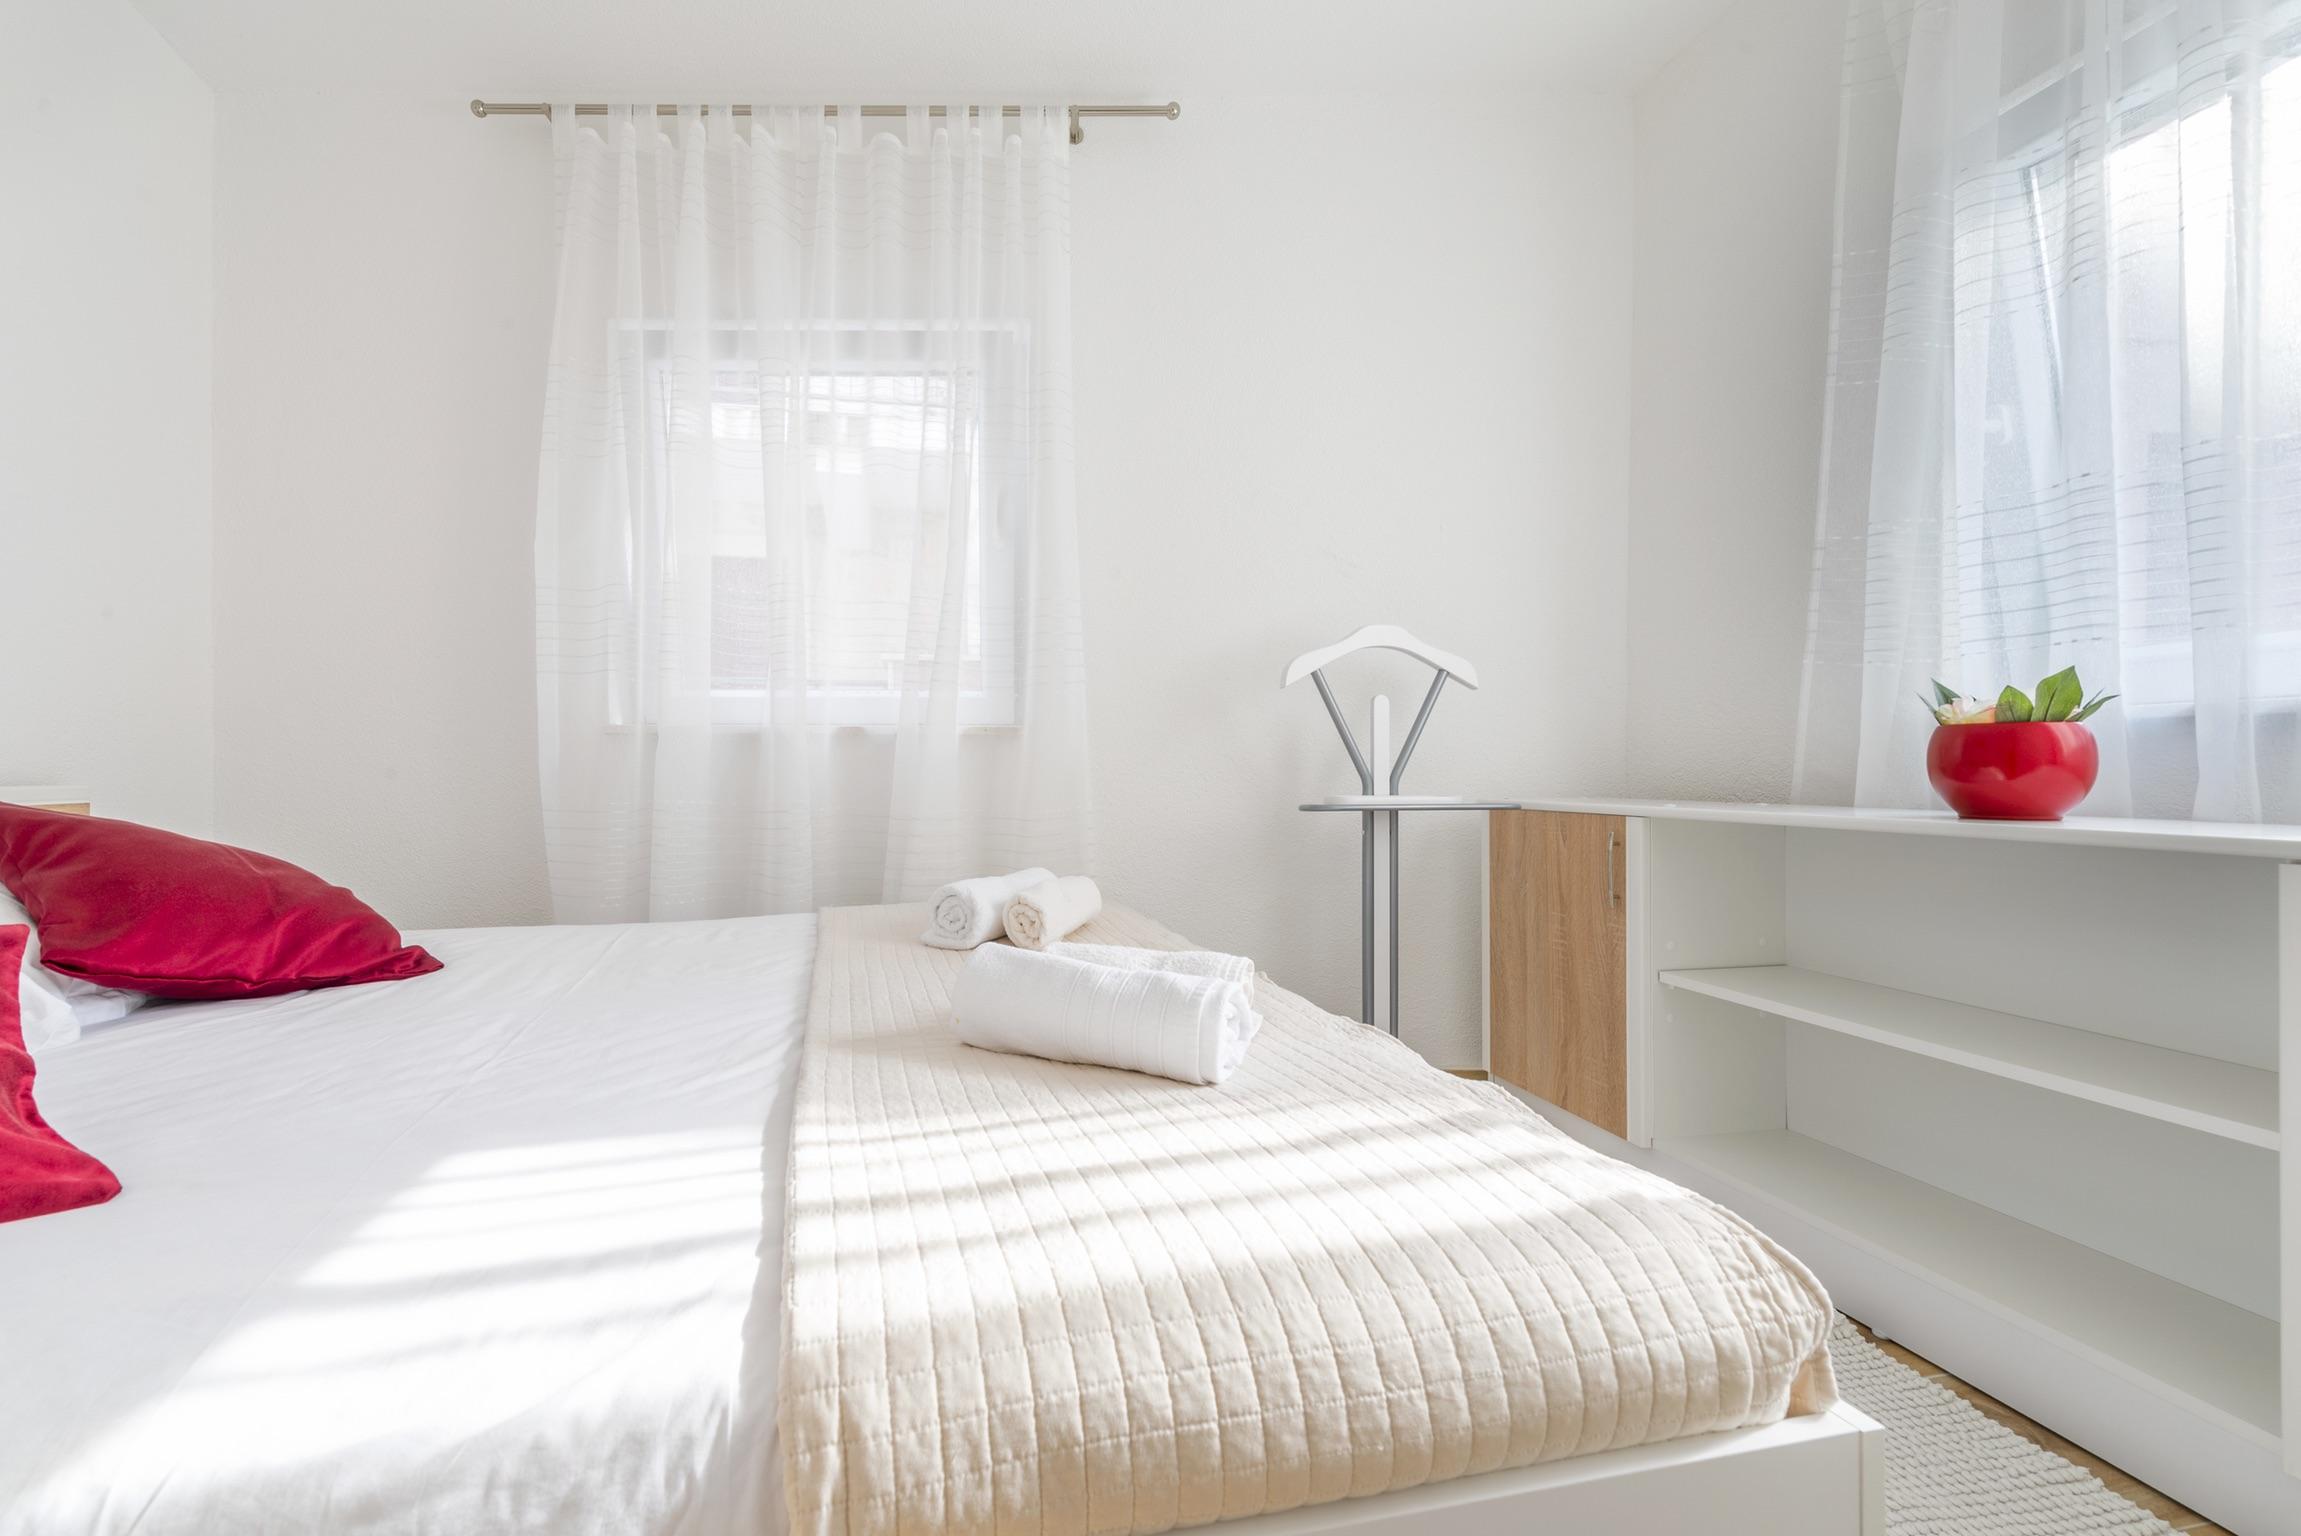 Ferienwohnung Wohnung mit 2 Zimmern in Baaka Voda mit herrlichem Meerblick, möblierter Terrasse und W-L (2201397), Baška Voda, , Dalmatien, Kroatien, Bild 19